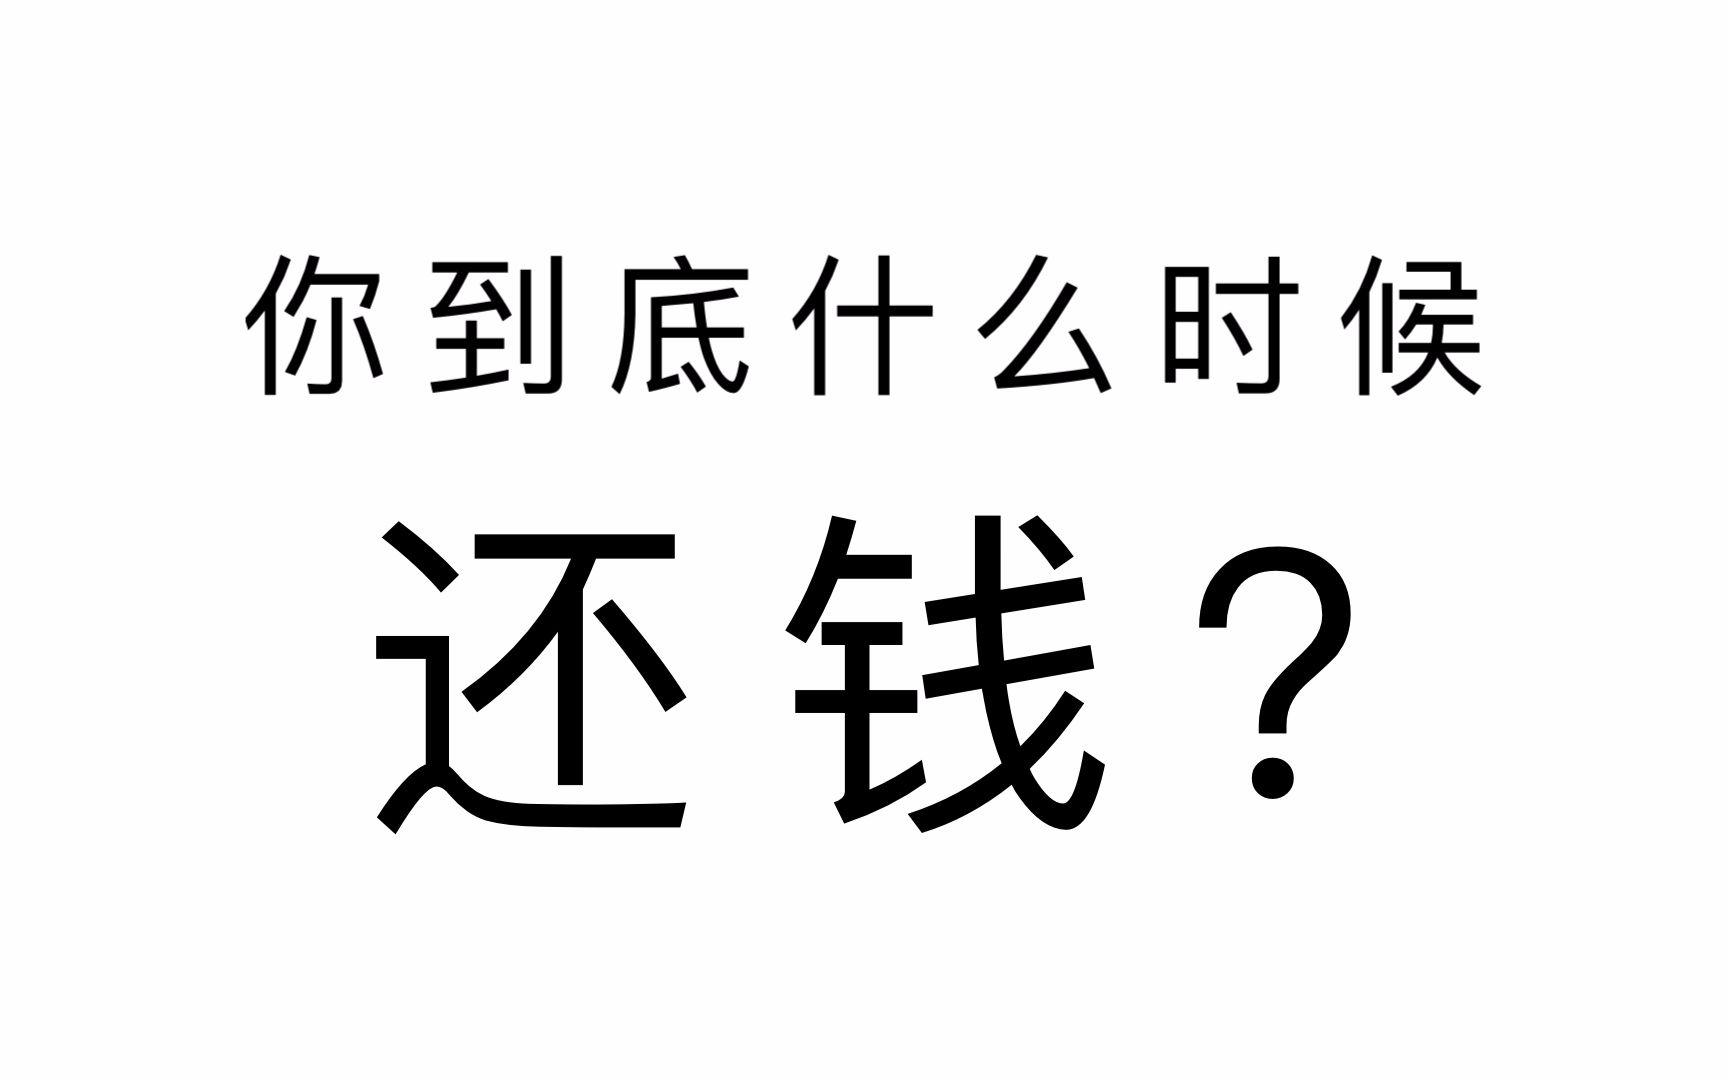 杭州讨债公司解析欠款人死亡了就不用还钱了吗?